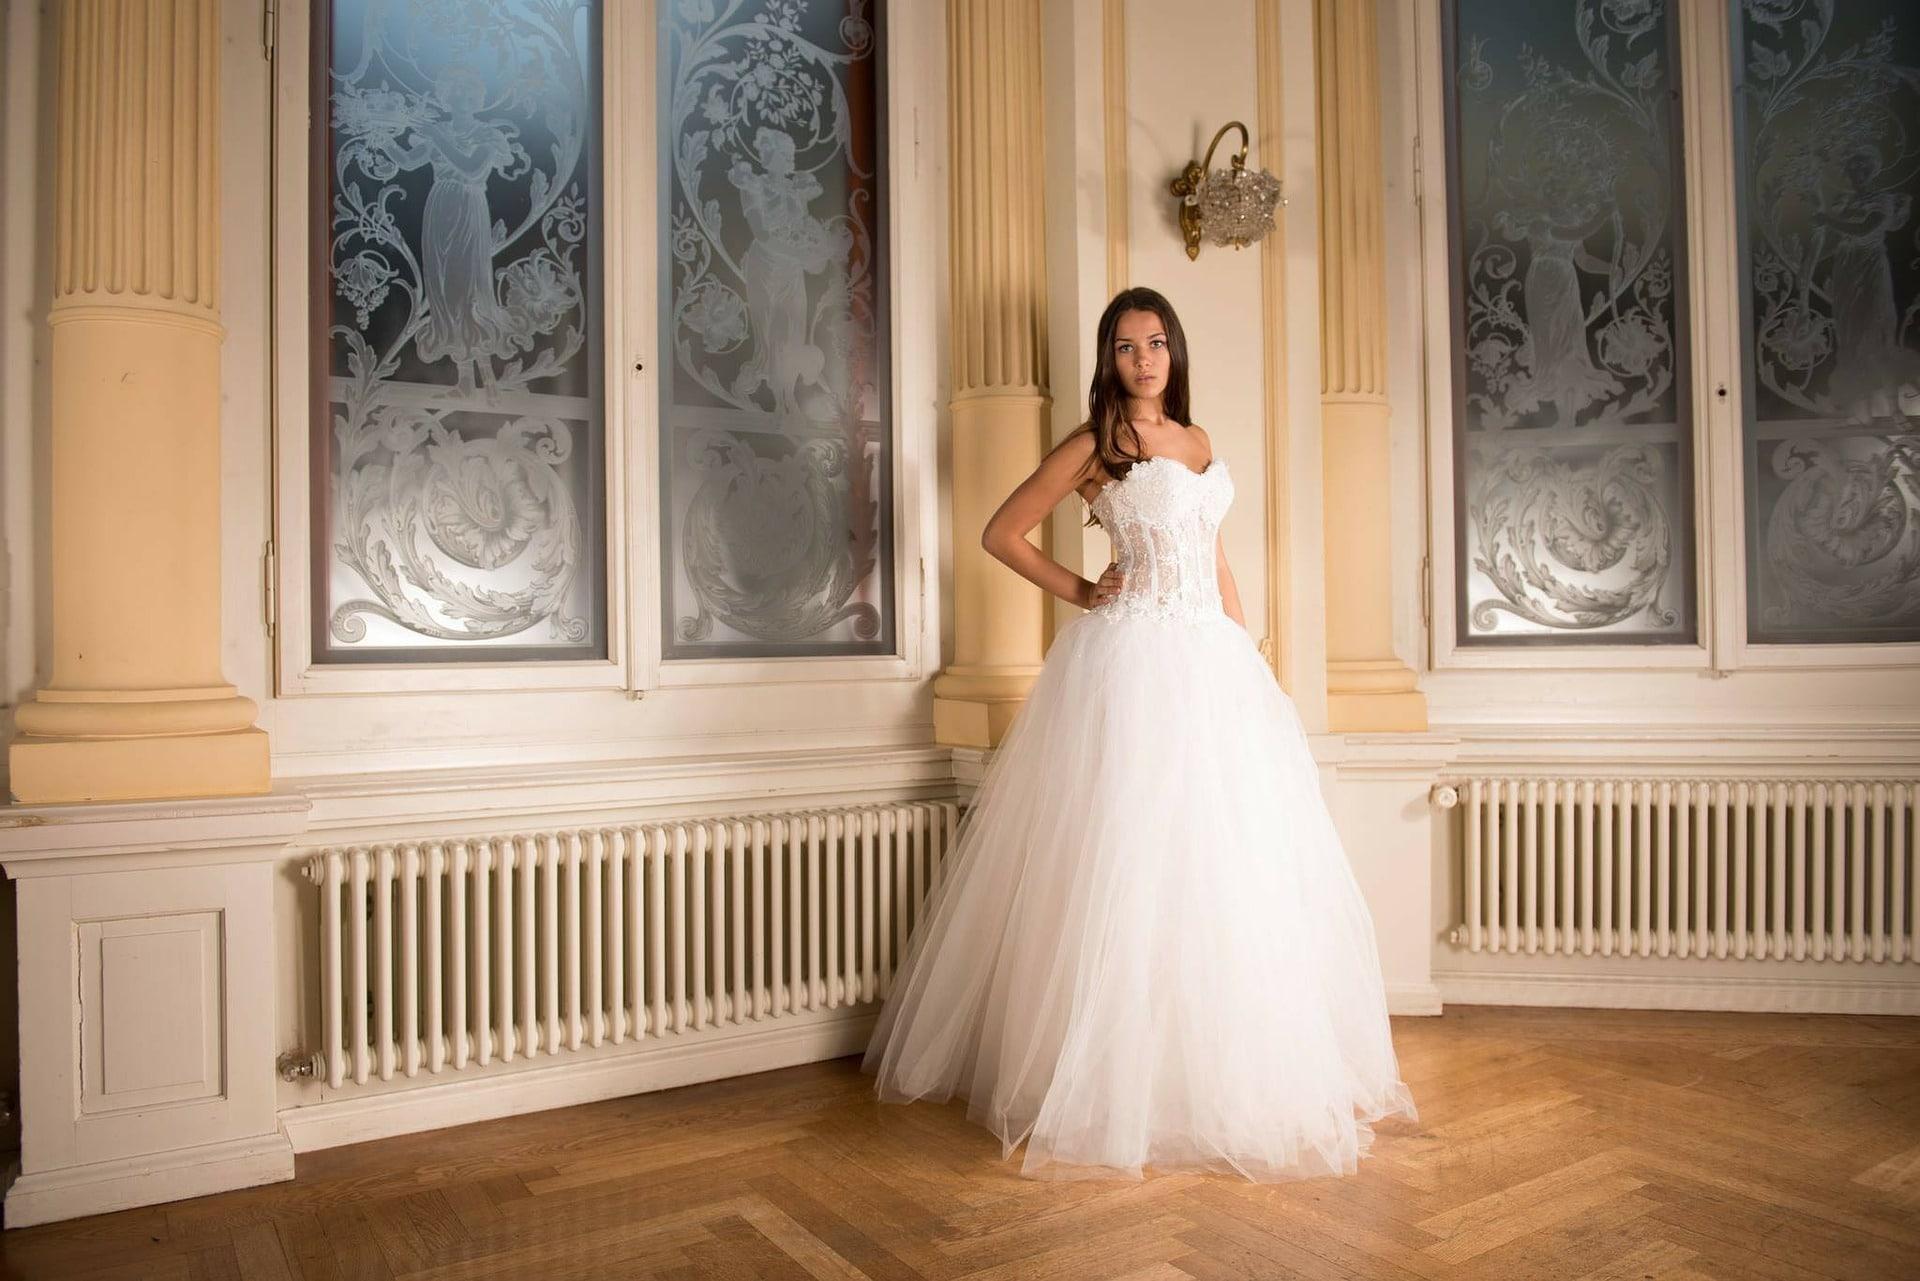 robe de mariée - comment choisir